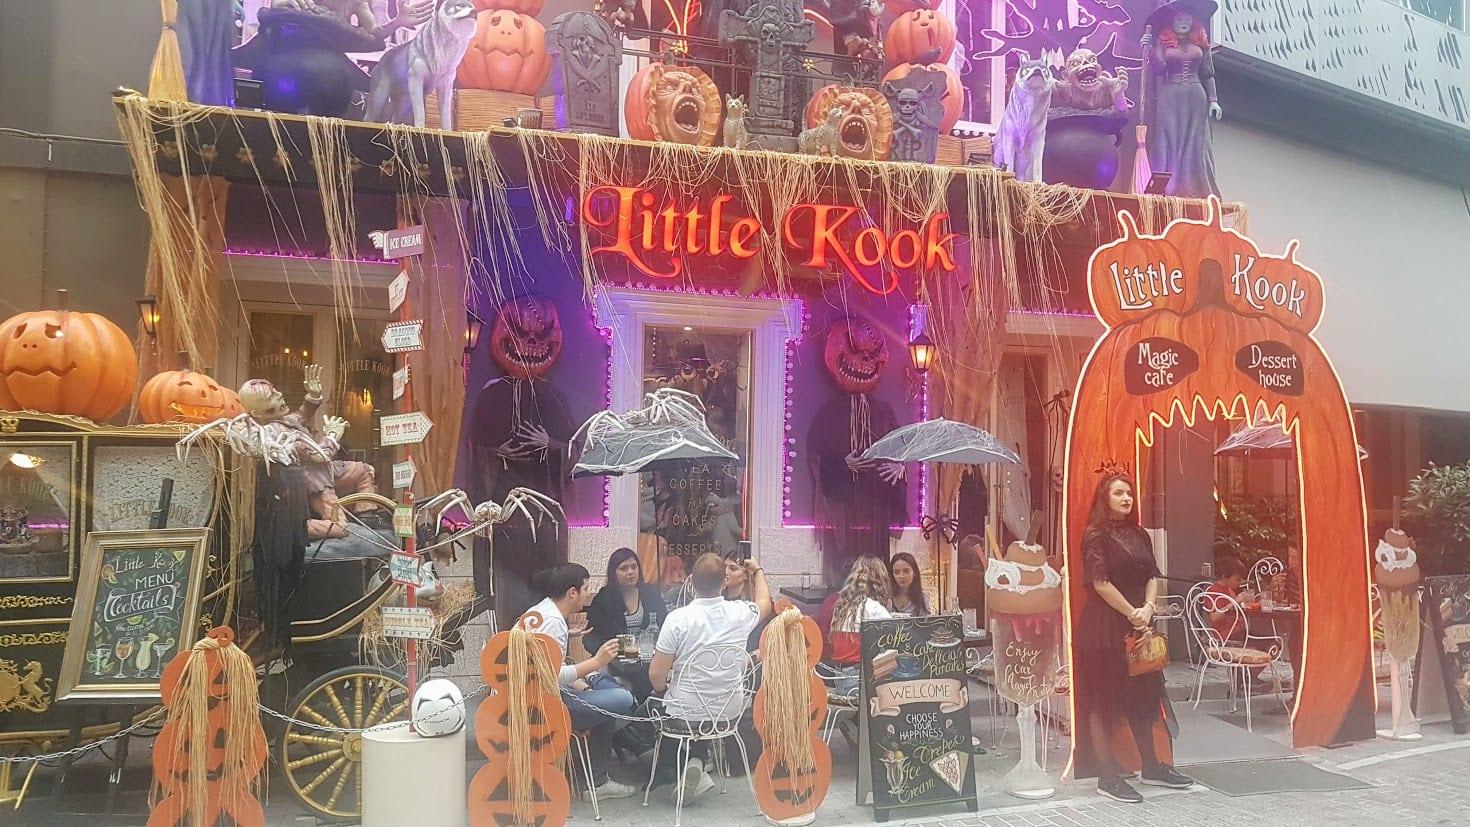 Little Kook Cafe dressed up for Halloween